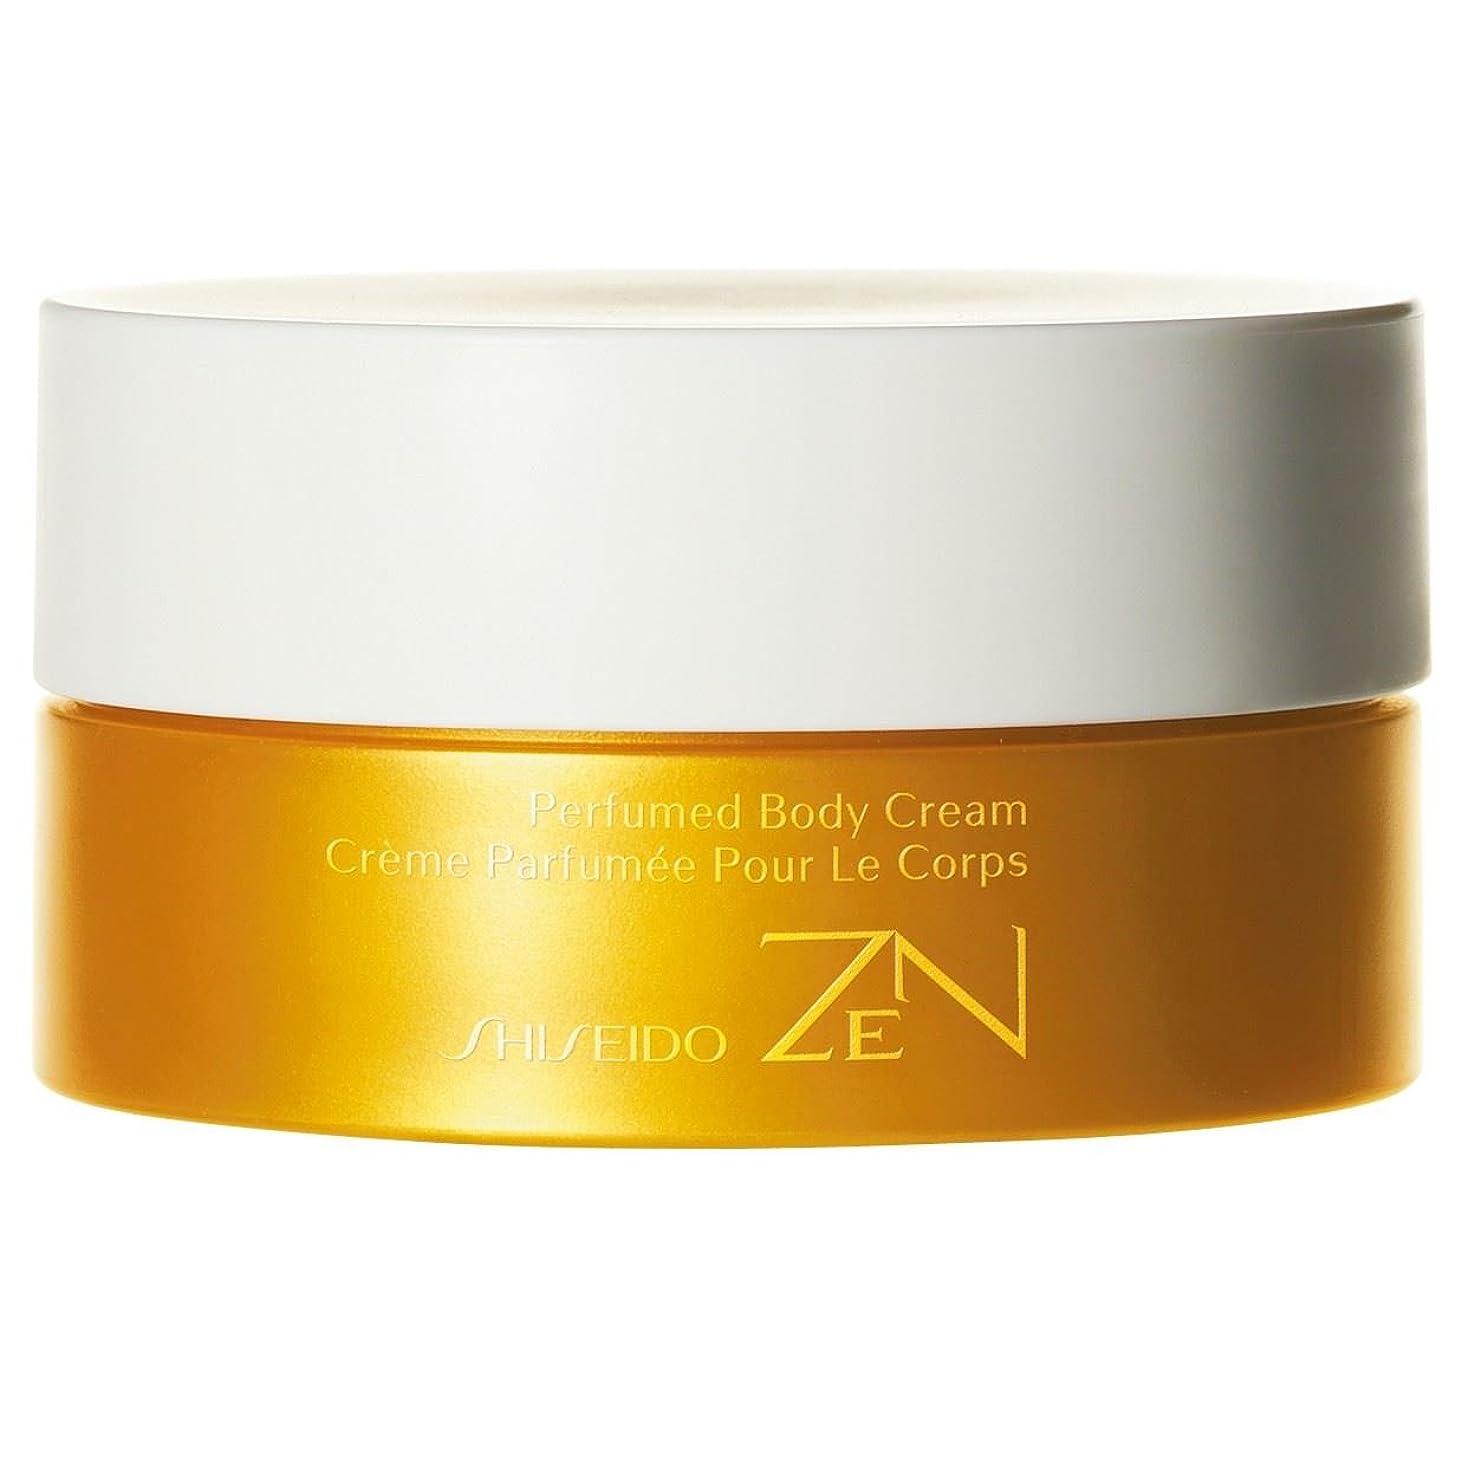 シチリア意志に反する極端な[Shiseido ] 資生堂禅香りのボディクリーム200ミリリットル - Shiseido Zen Perfumed Body Cream 200ml [並行輸入品]